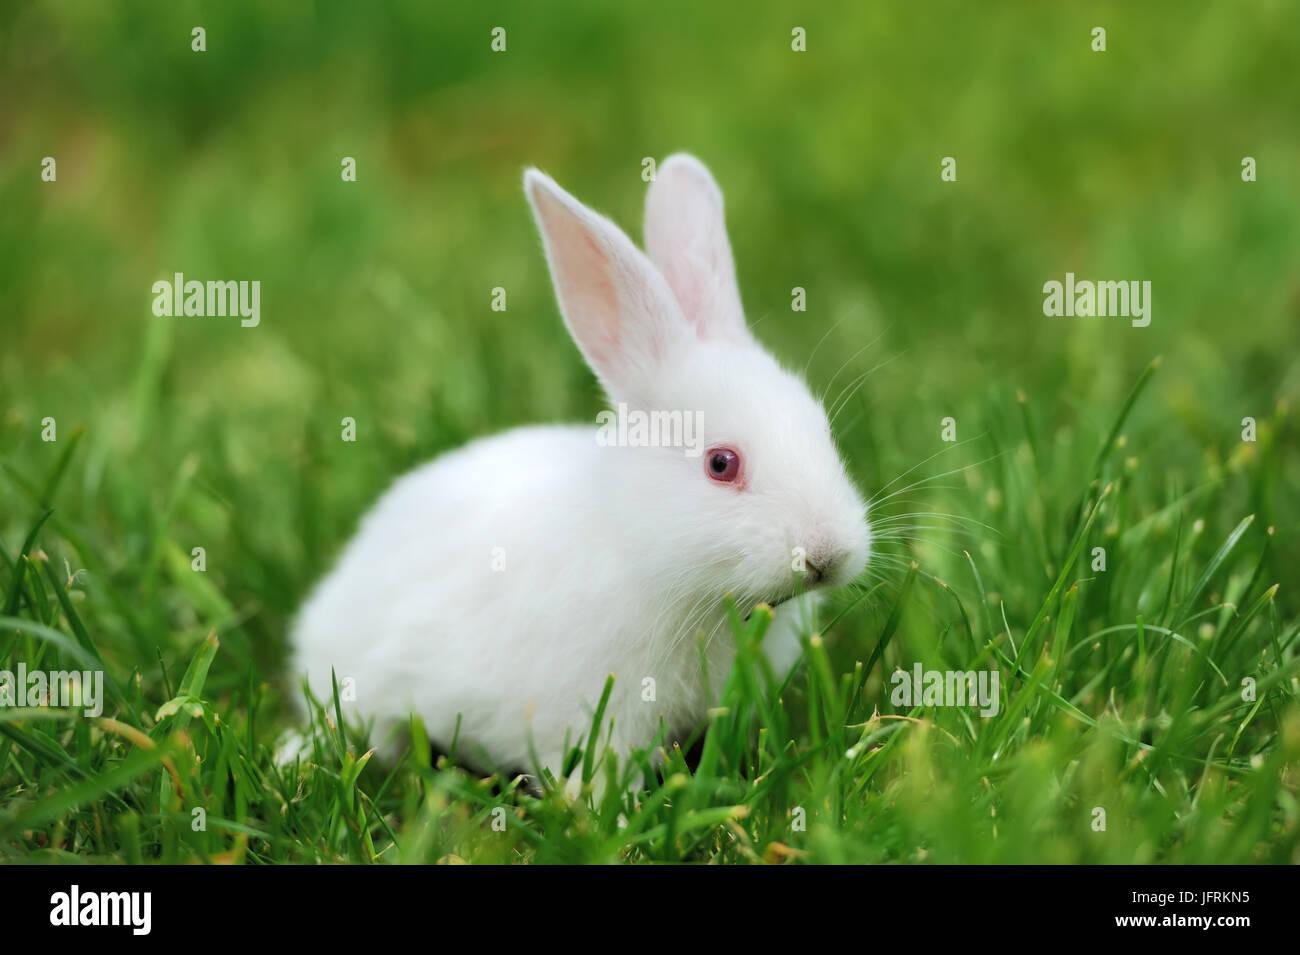 Baby weiße Kaninchen in Frühlingsgrün grass Hintergrund Stockfoto